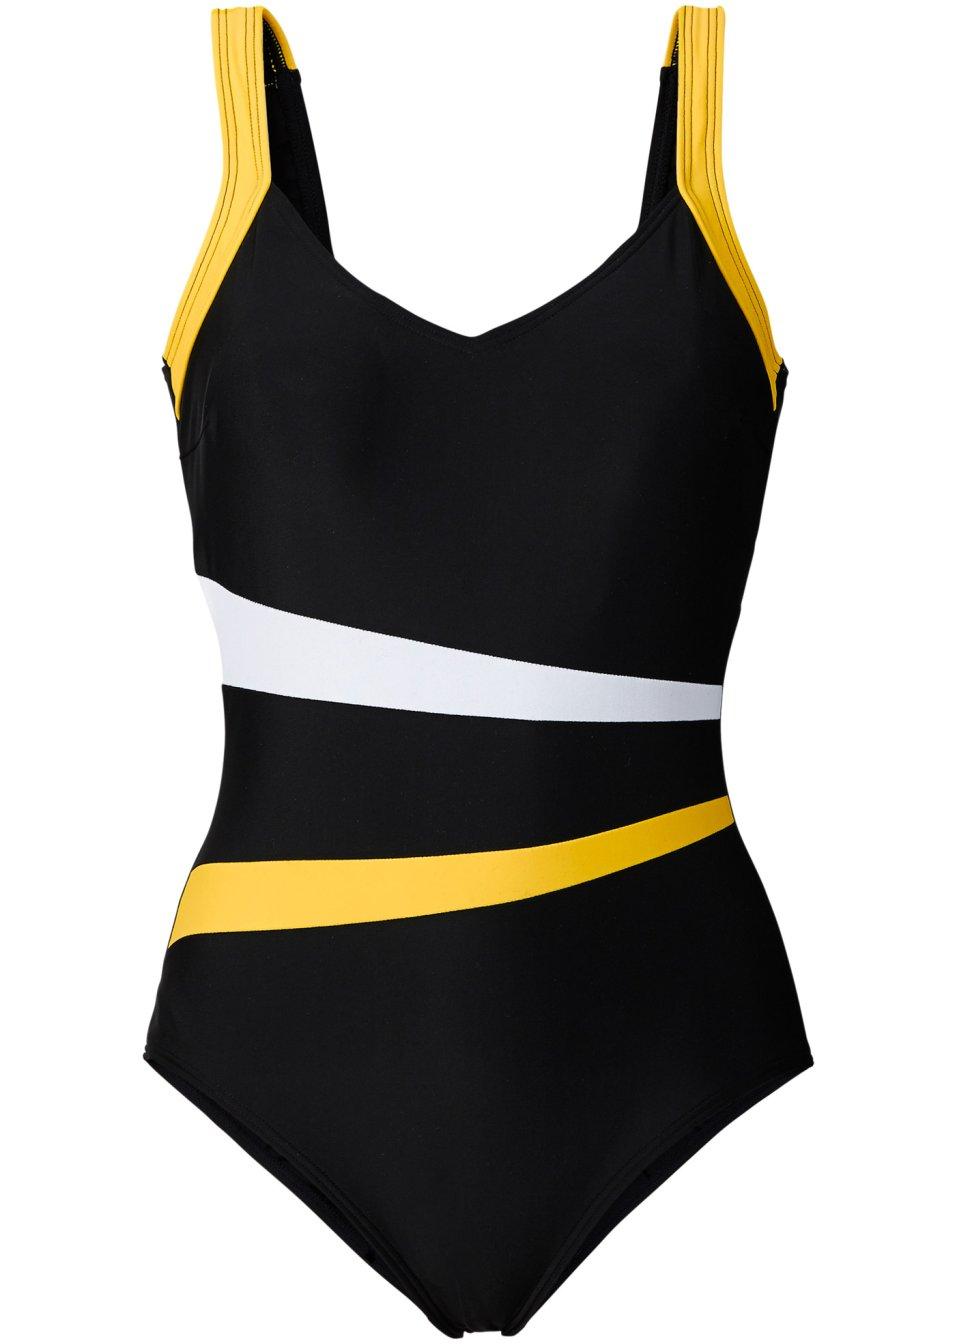 stilvoller badeanzug mit vielen details schwarz wei gelb. Black Bedroom Furniture Sets. Home Design Ideas